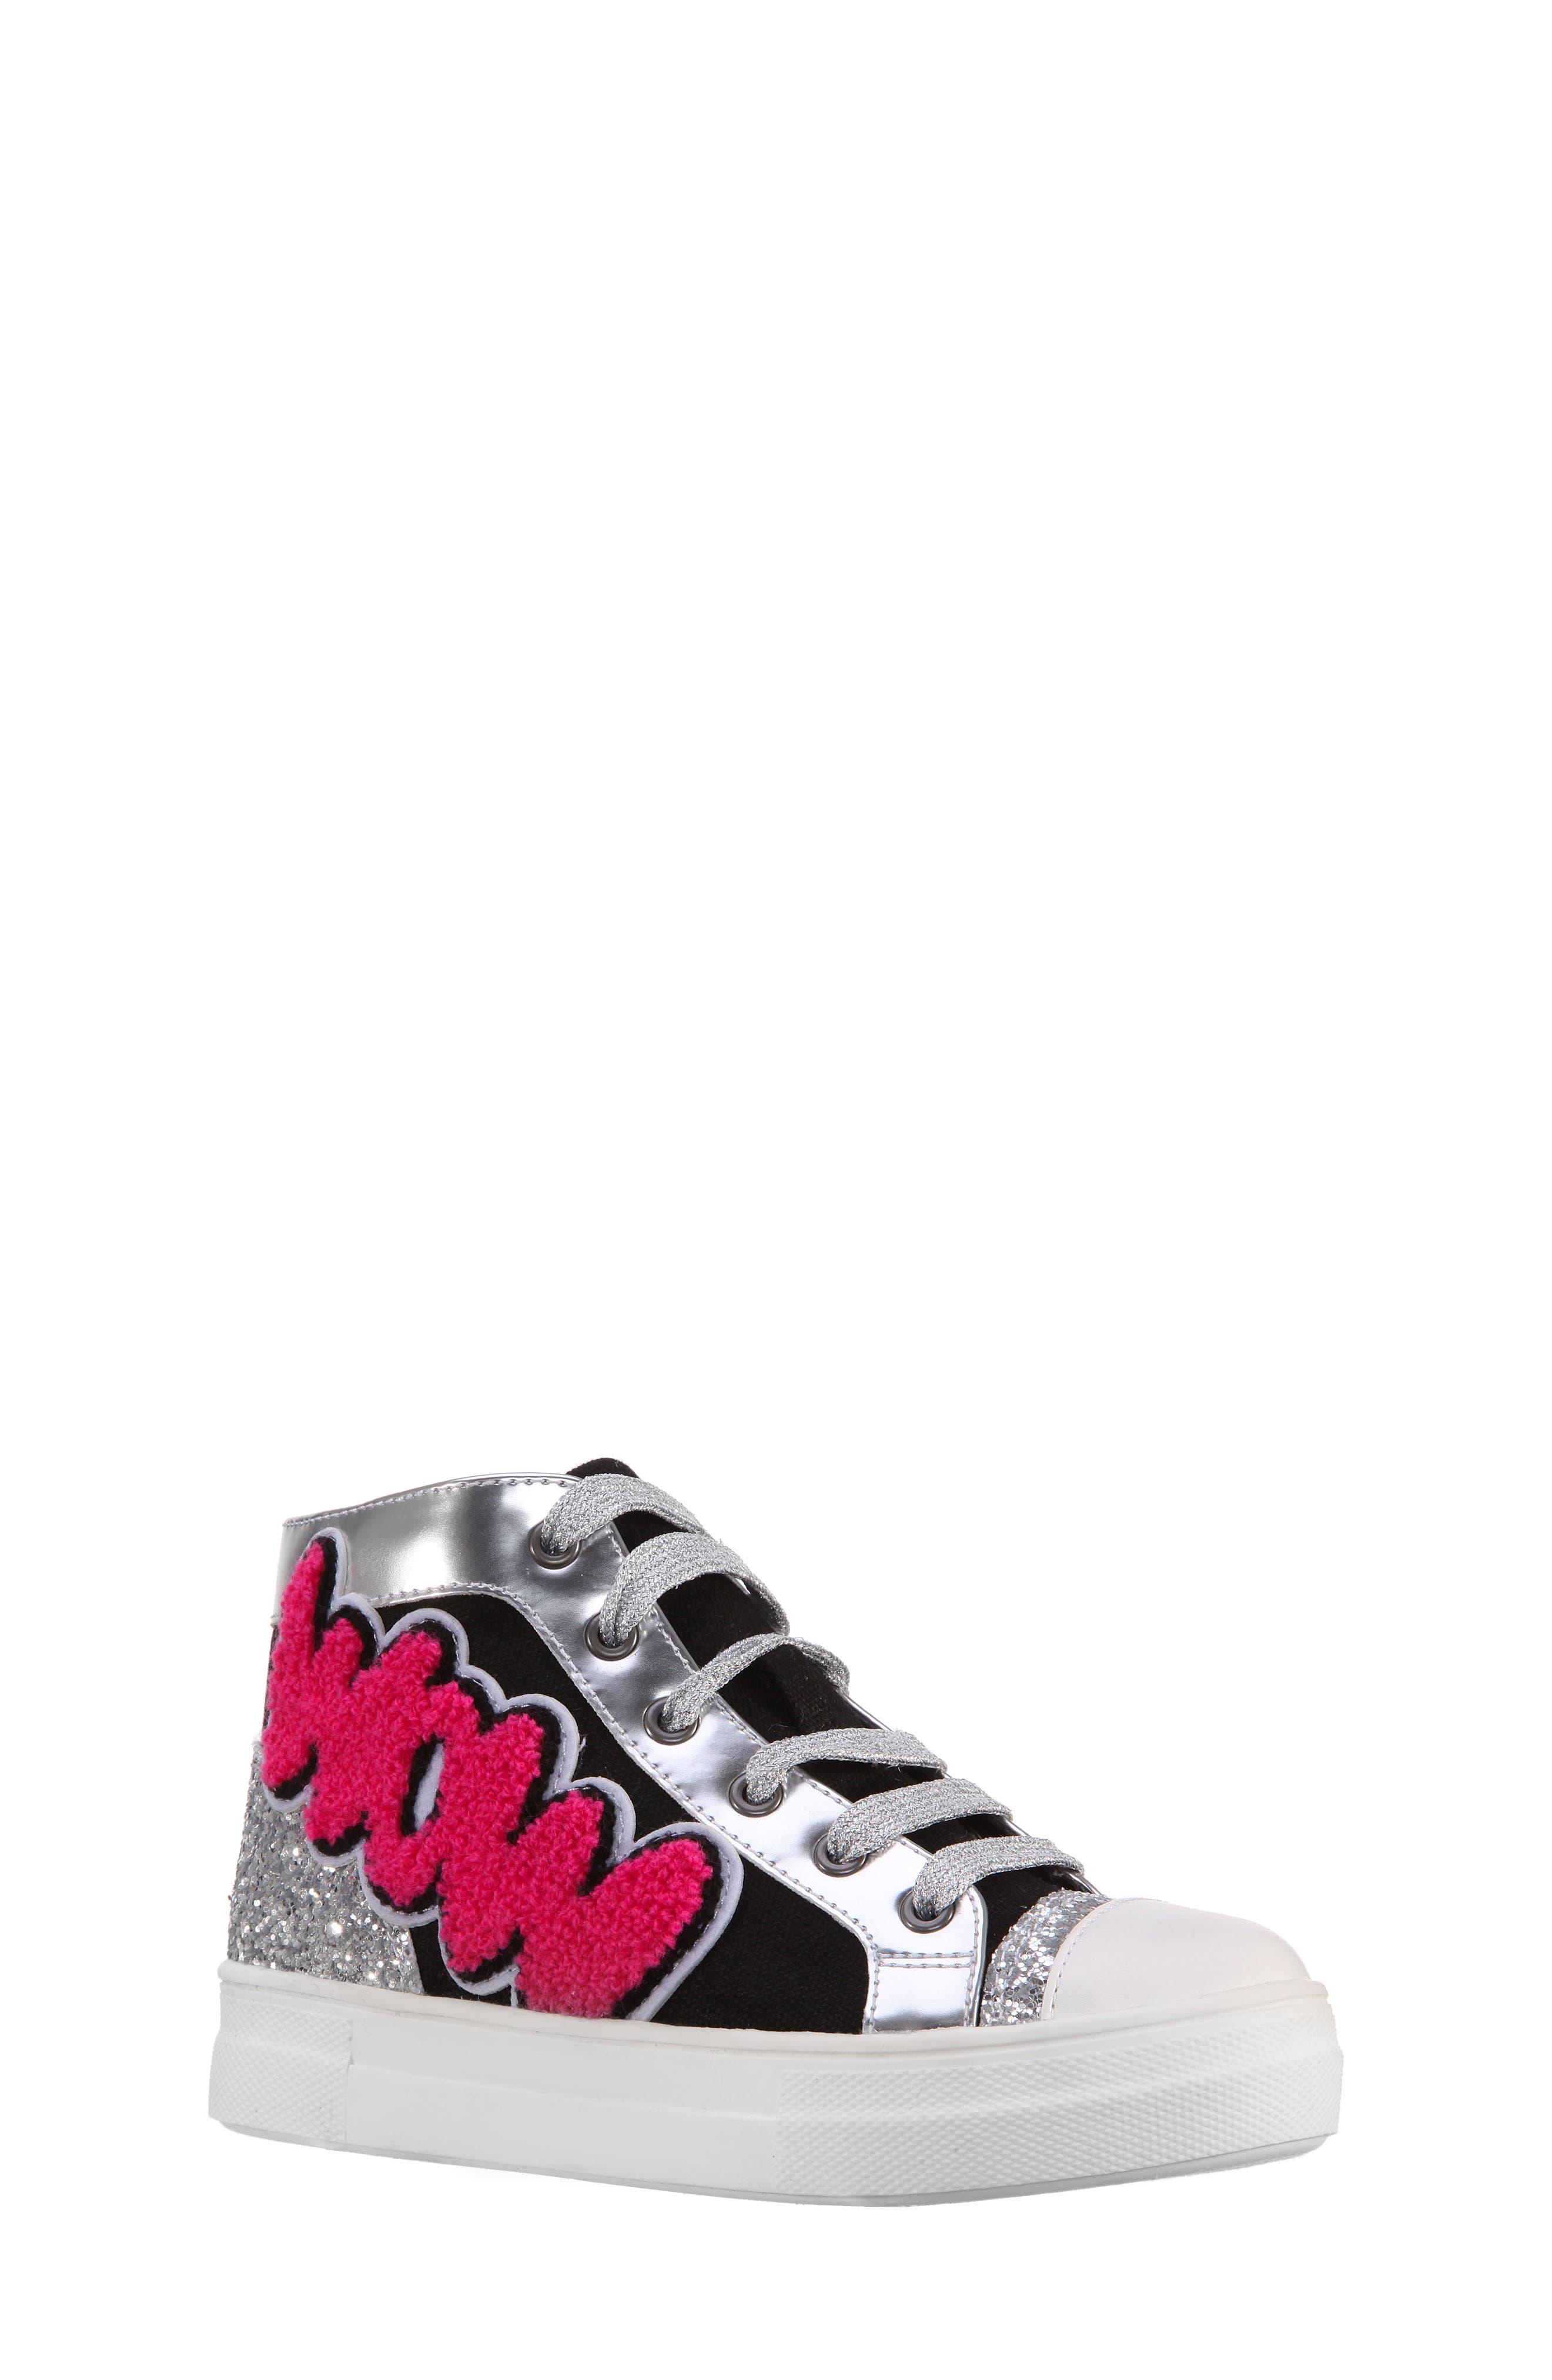 Gita High Top Sneaker,                         Main,                         color, 009